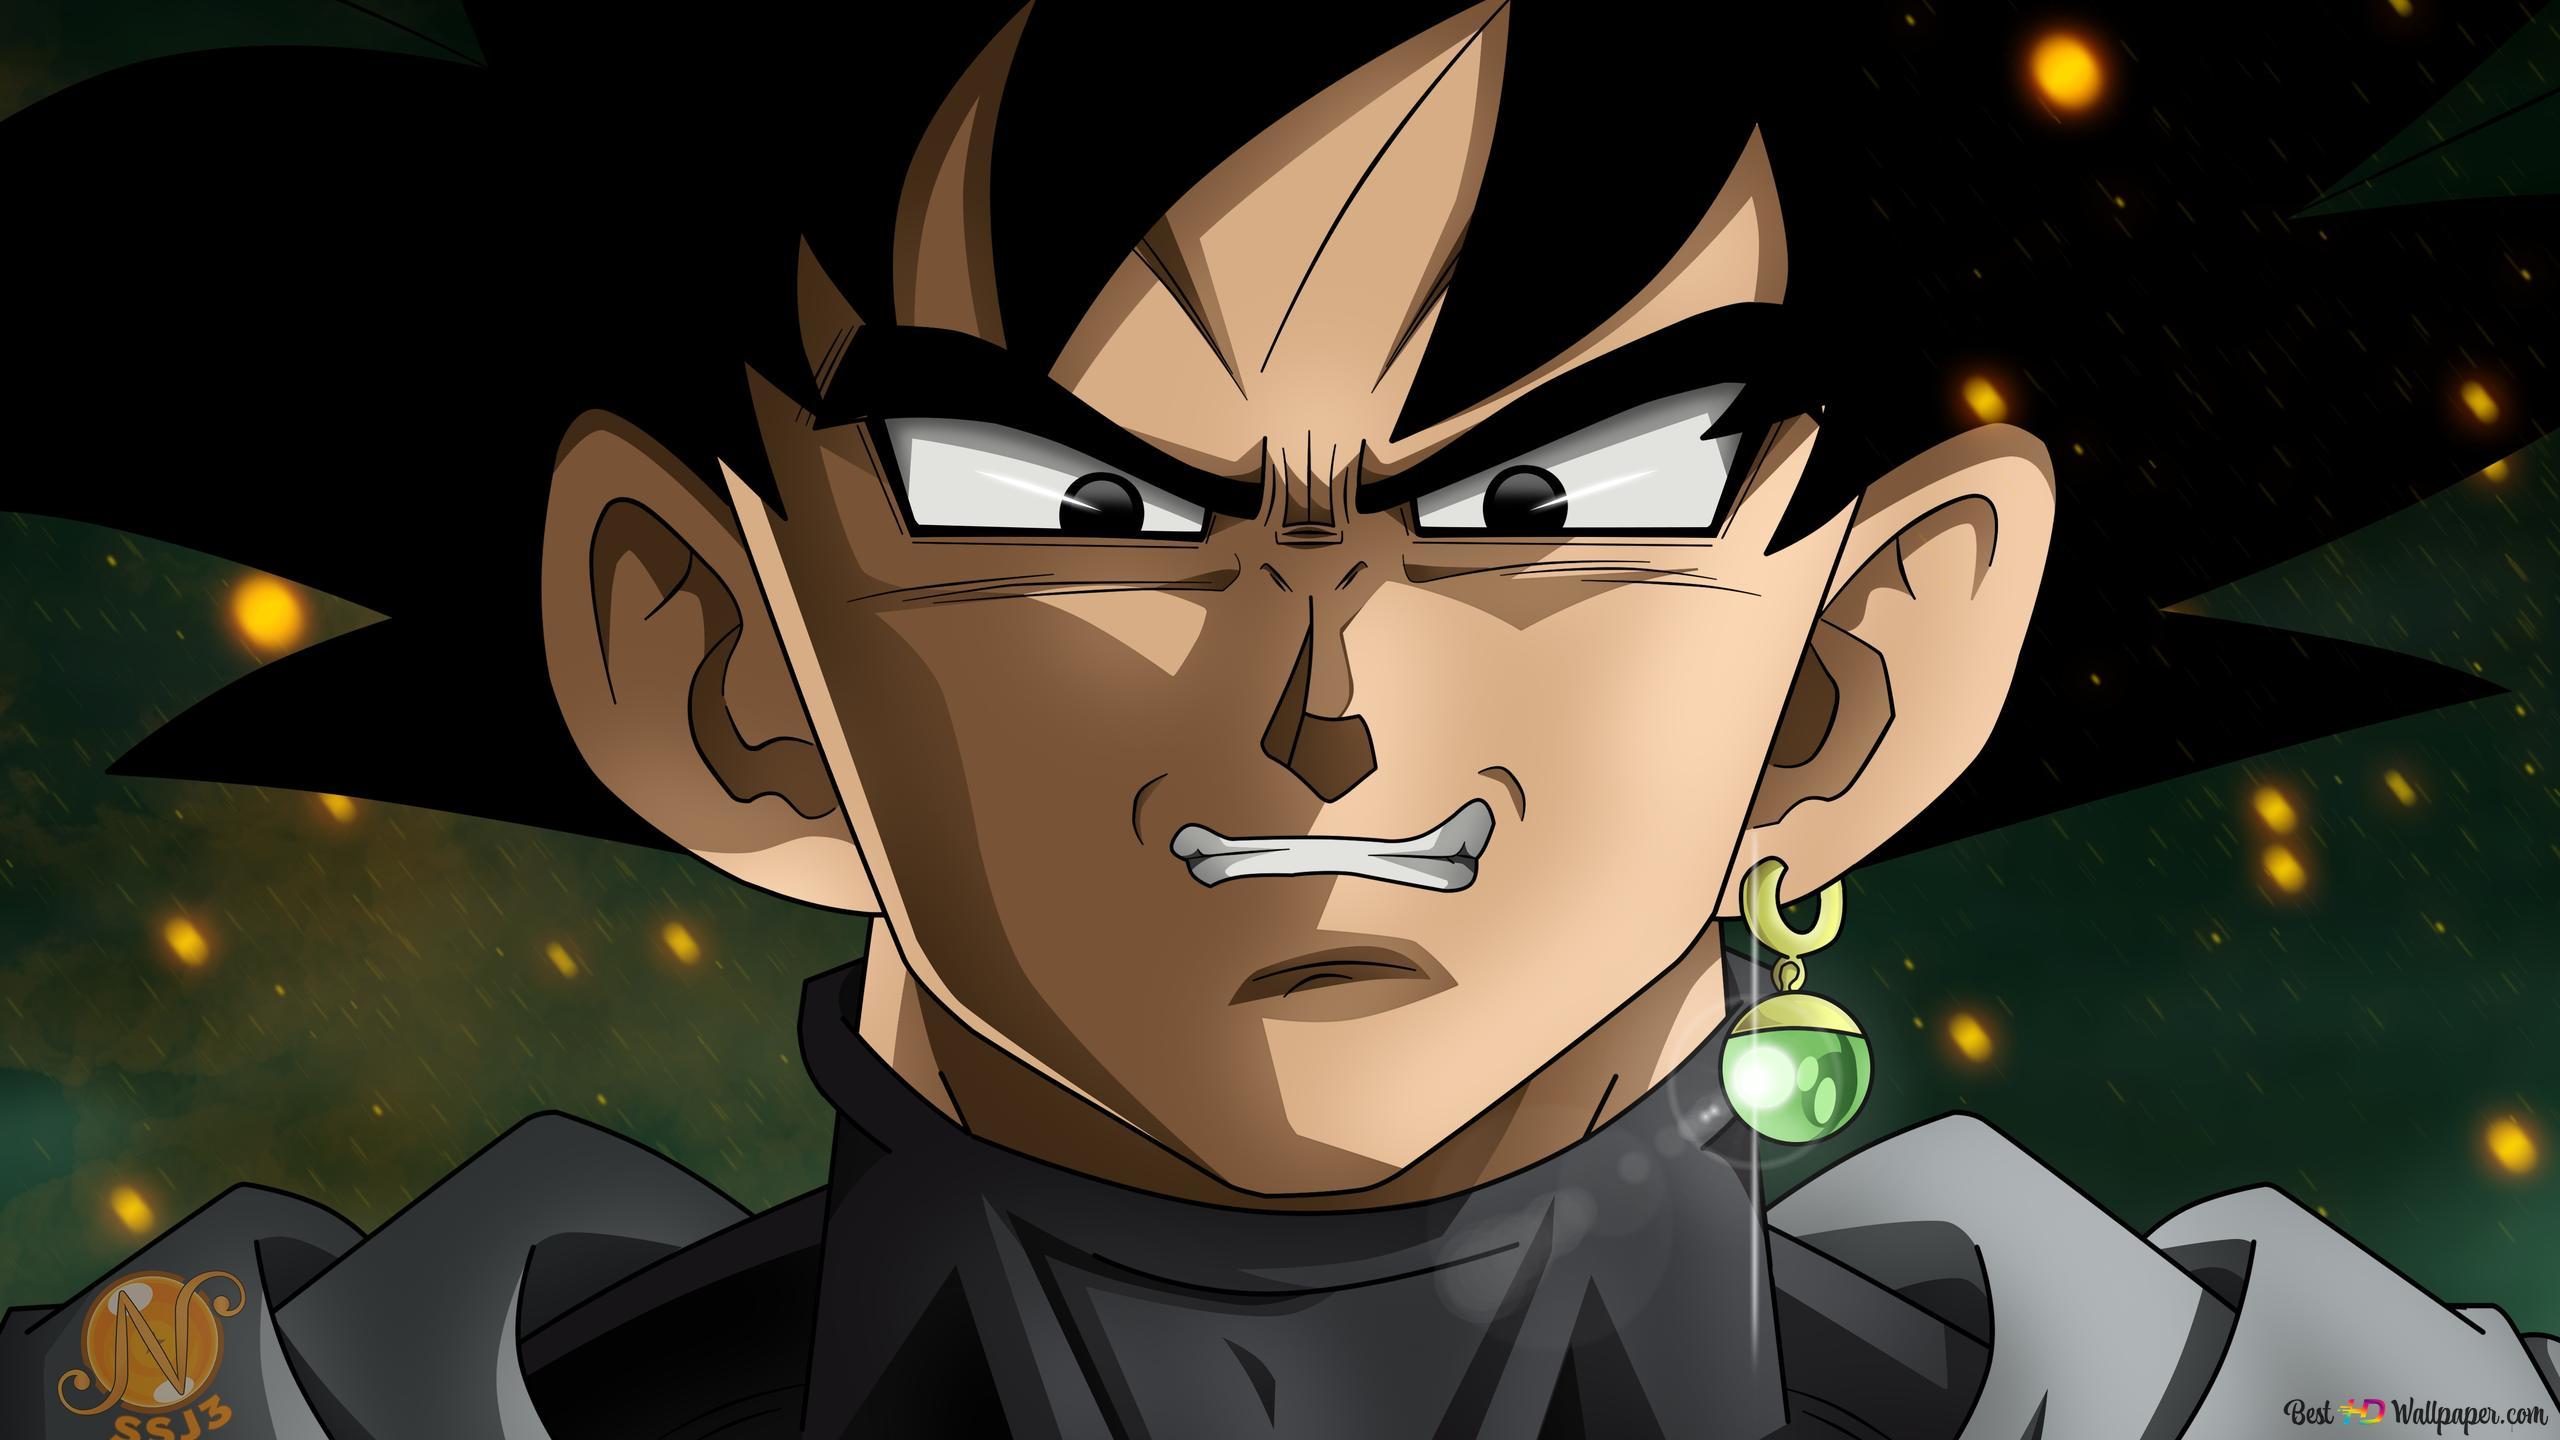 Black Goku Evil Smile Hd Wallpaper Download